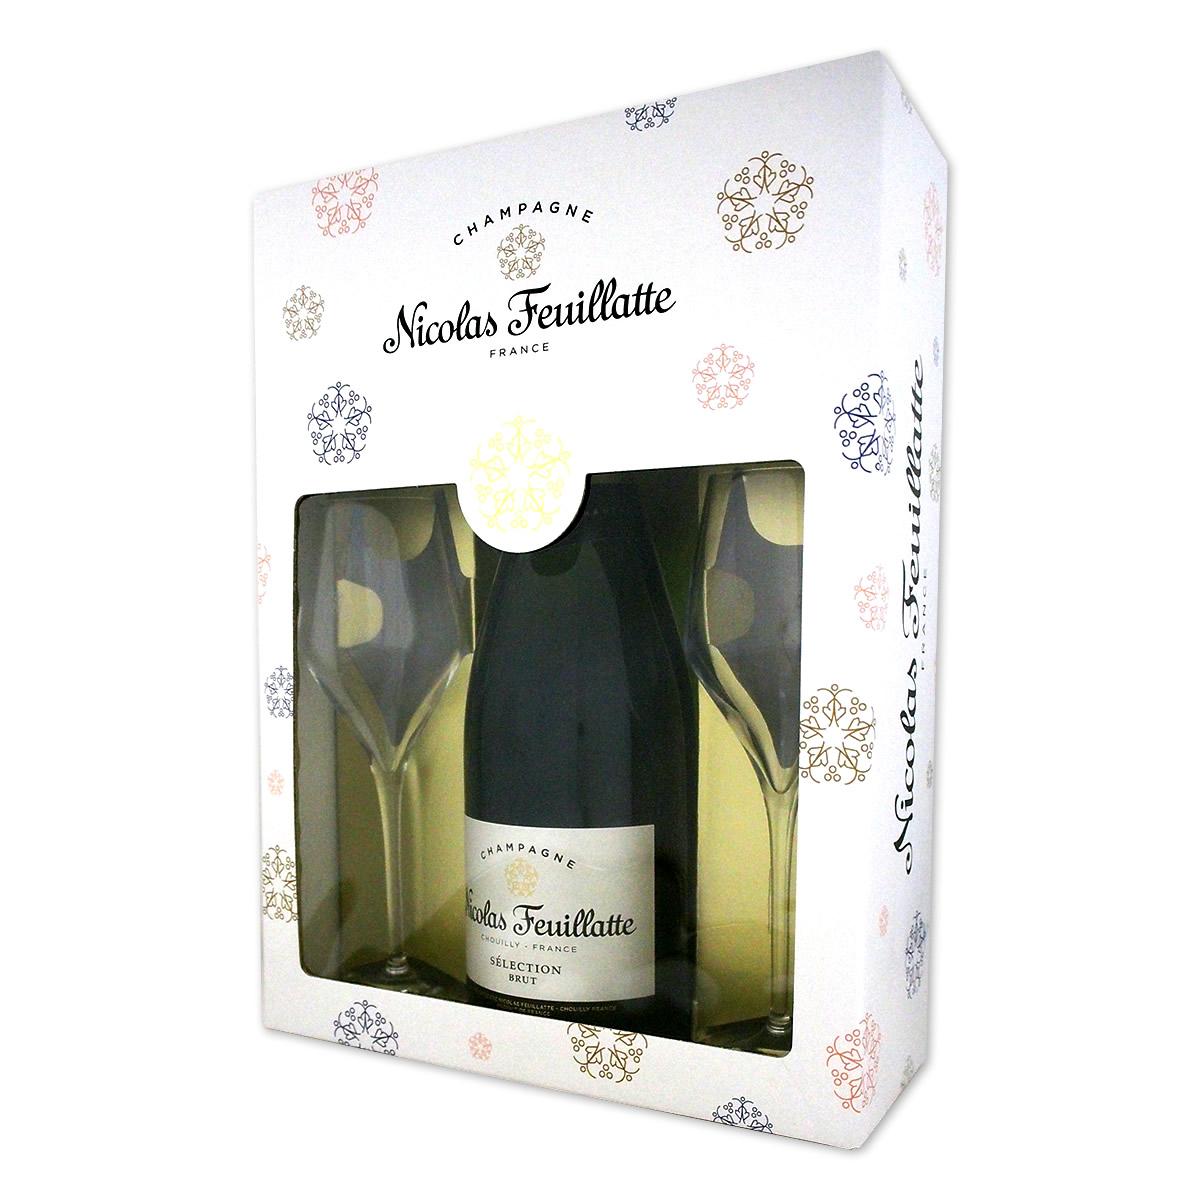 ニコラ・フィアット・シャンパーニュ・ブリュット・ホワイトラベル・グラス2脚セット【シャンパン】【スパークリング】【750ml】【Nicolas Feuillatte】【ギフト】【グラスセット】【クリスマス】